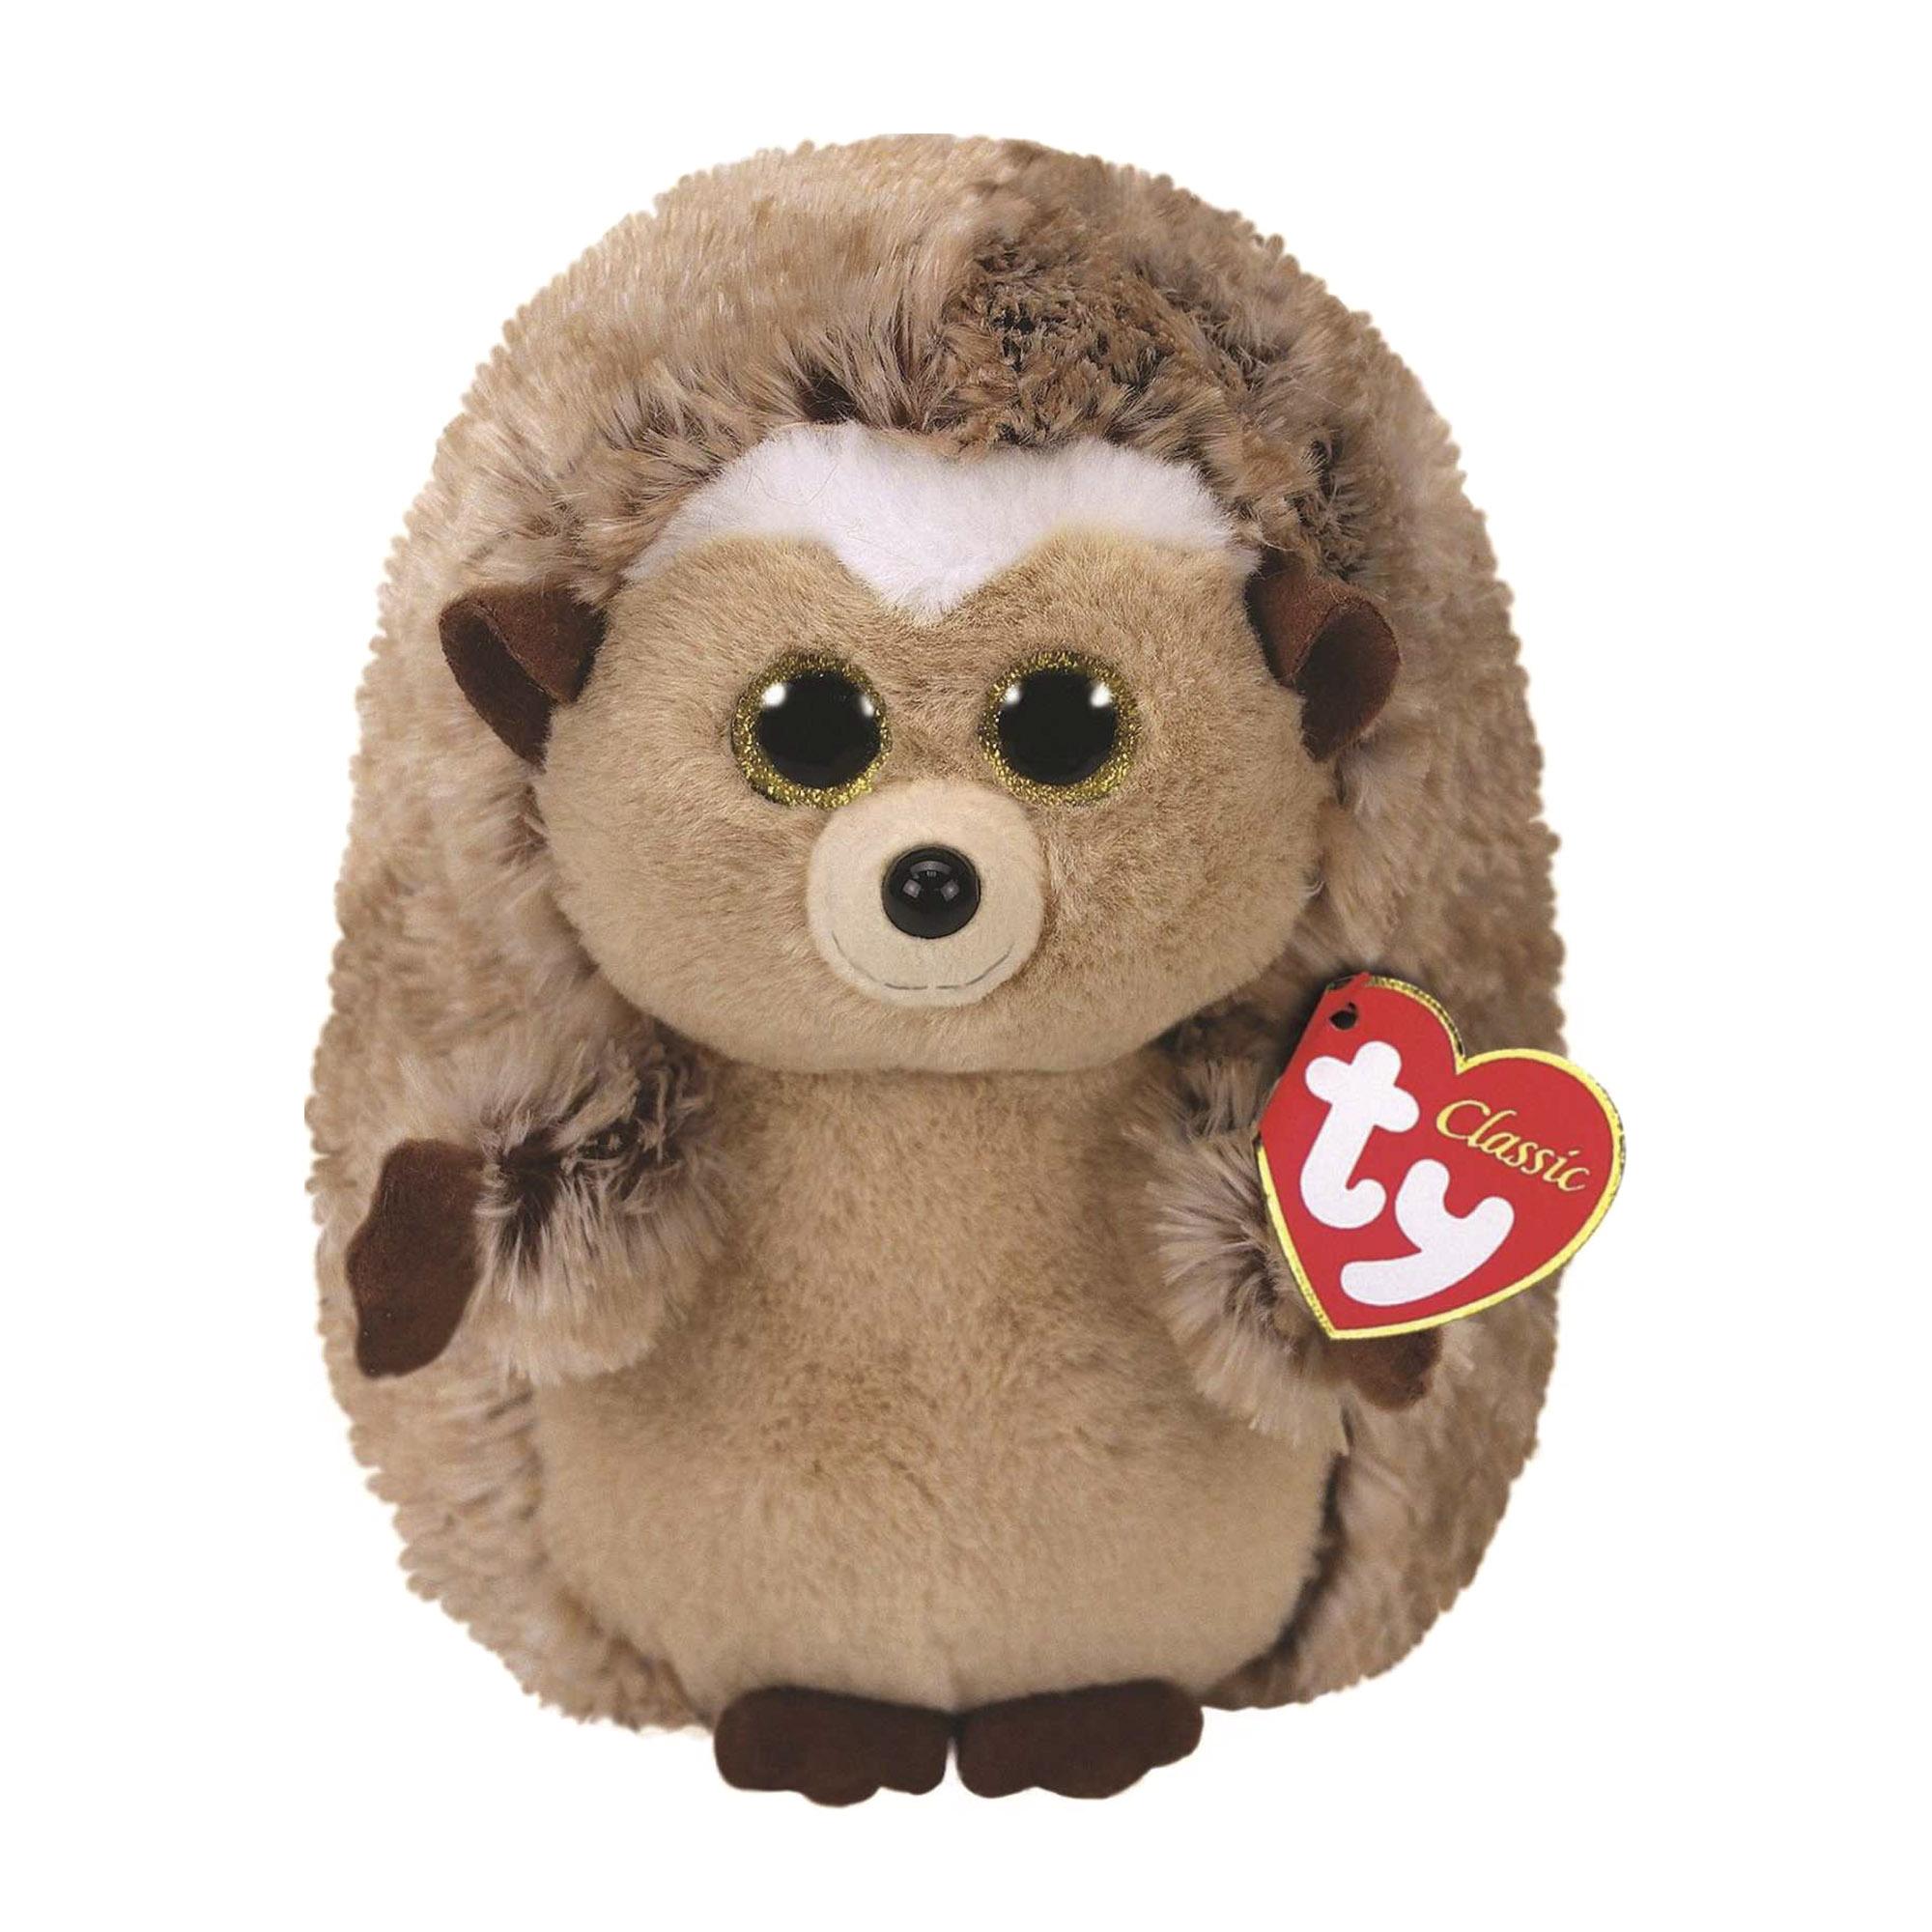 Фото - Мягкая игрушка TY Ёжик Ида 15 см мягкая игрушка лесята ёжик игоша в свитере 15 см